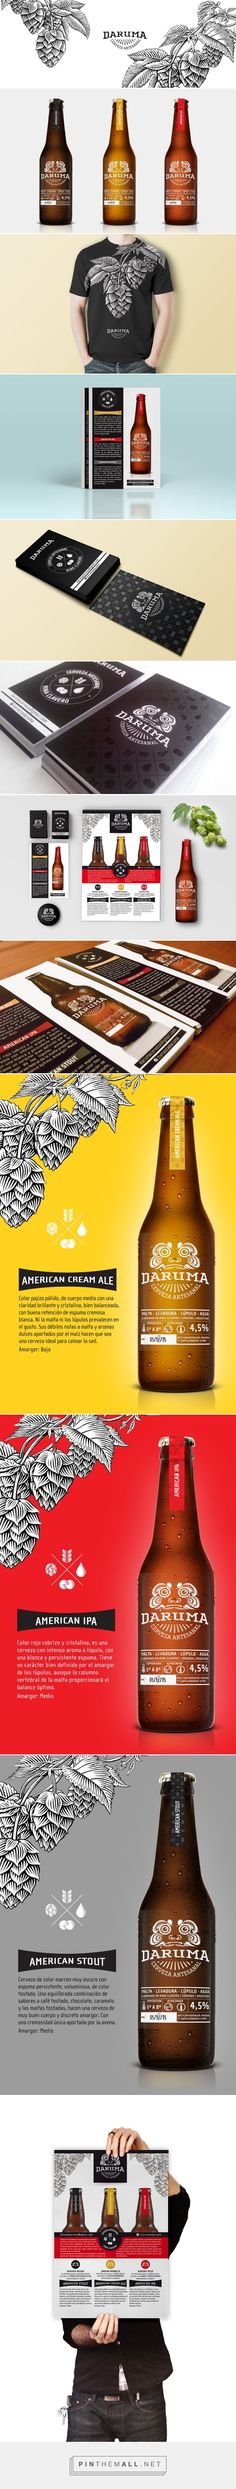 Daruma | Cerveza Artesanal by Virginia Scardino                                                                                                                                                                                 Más